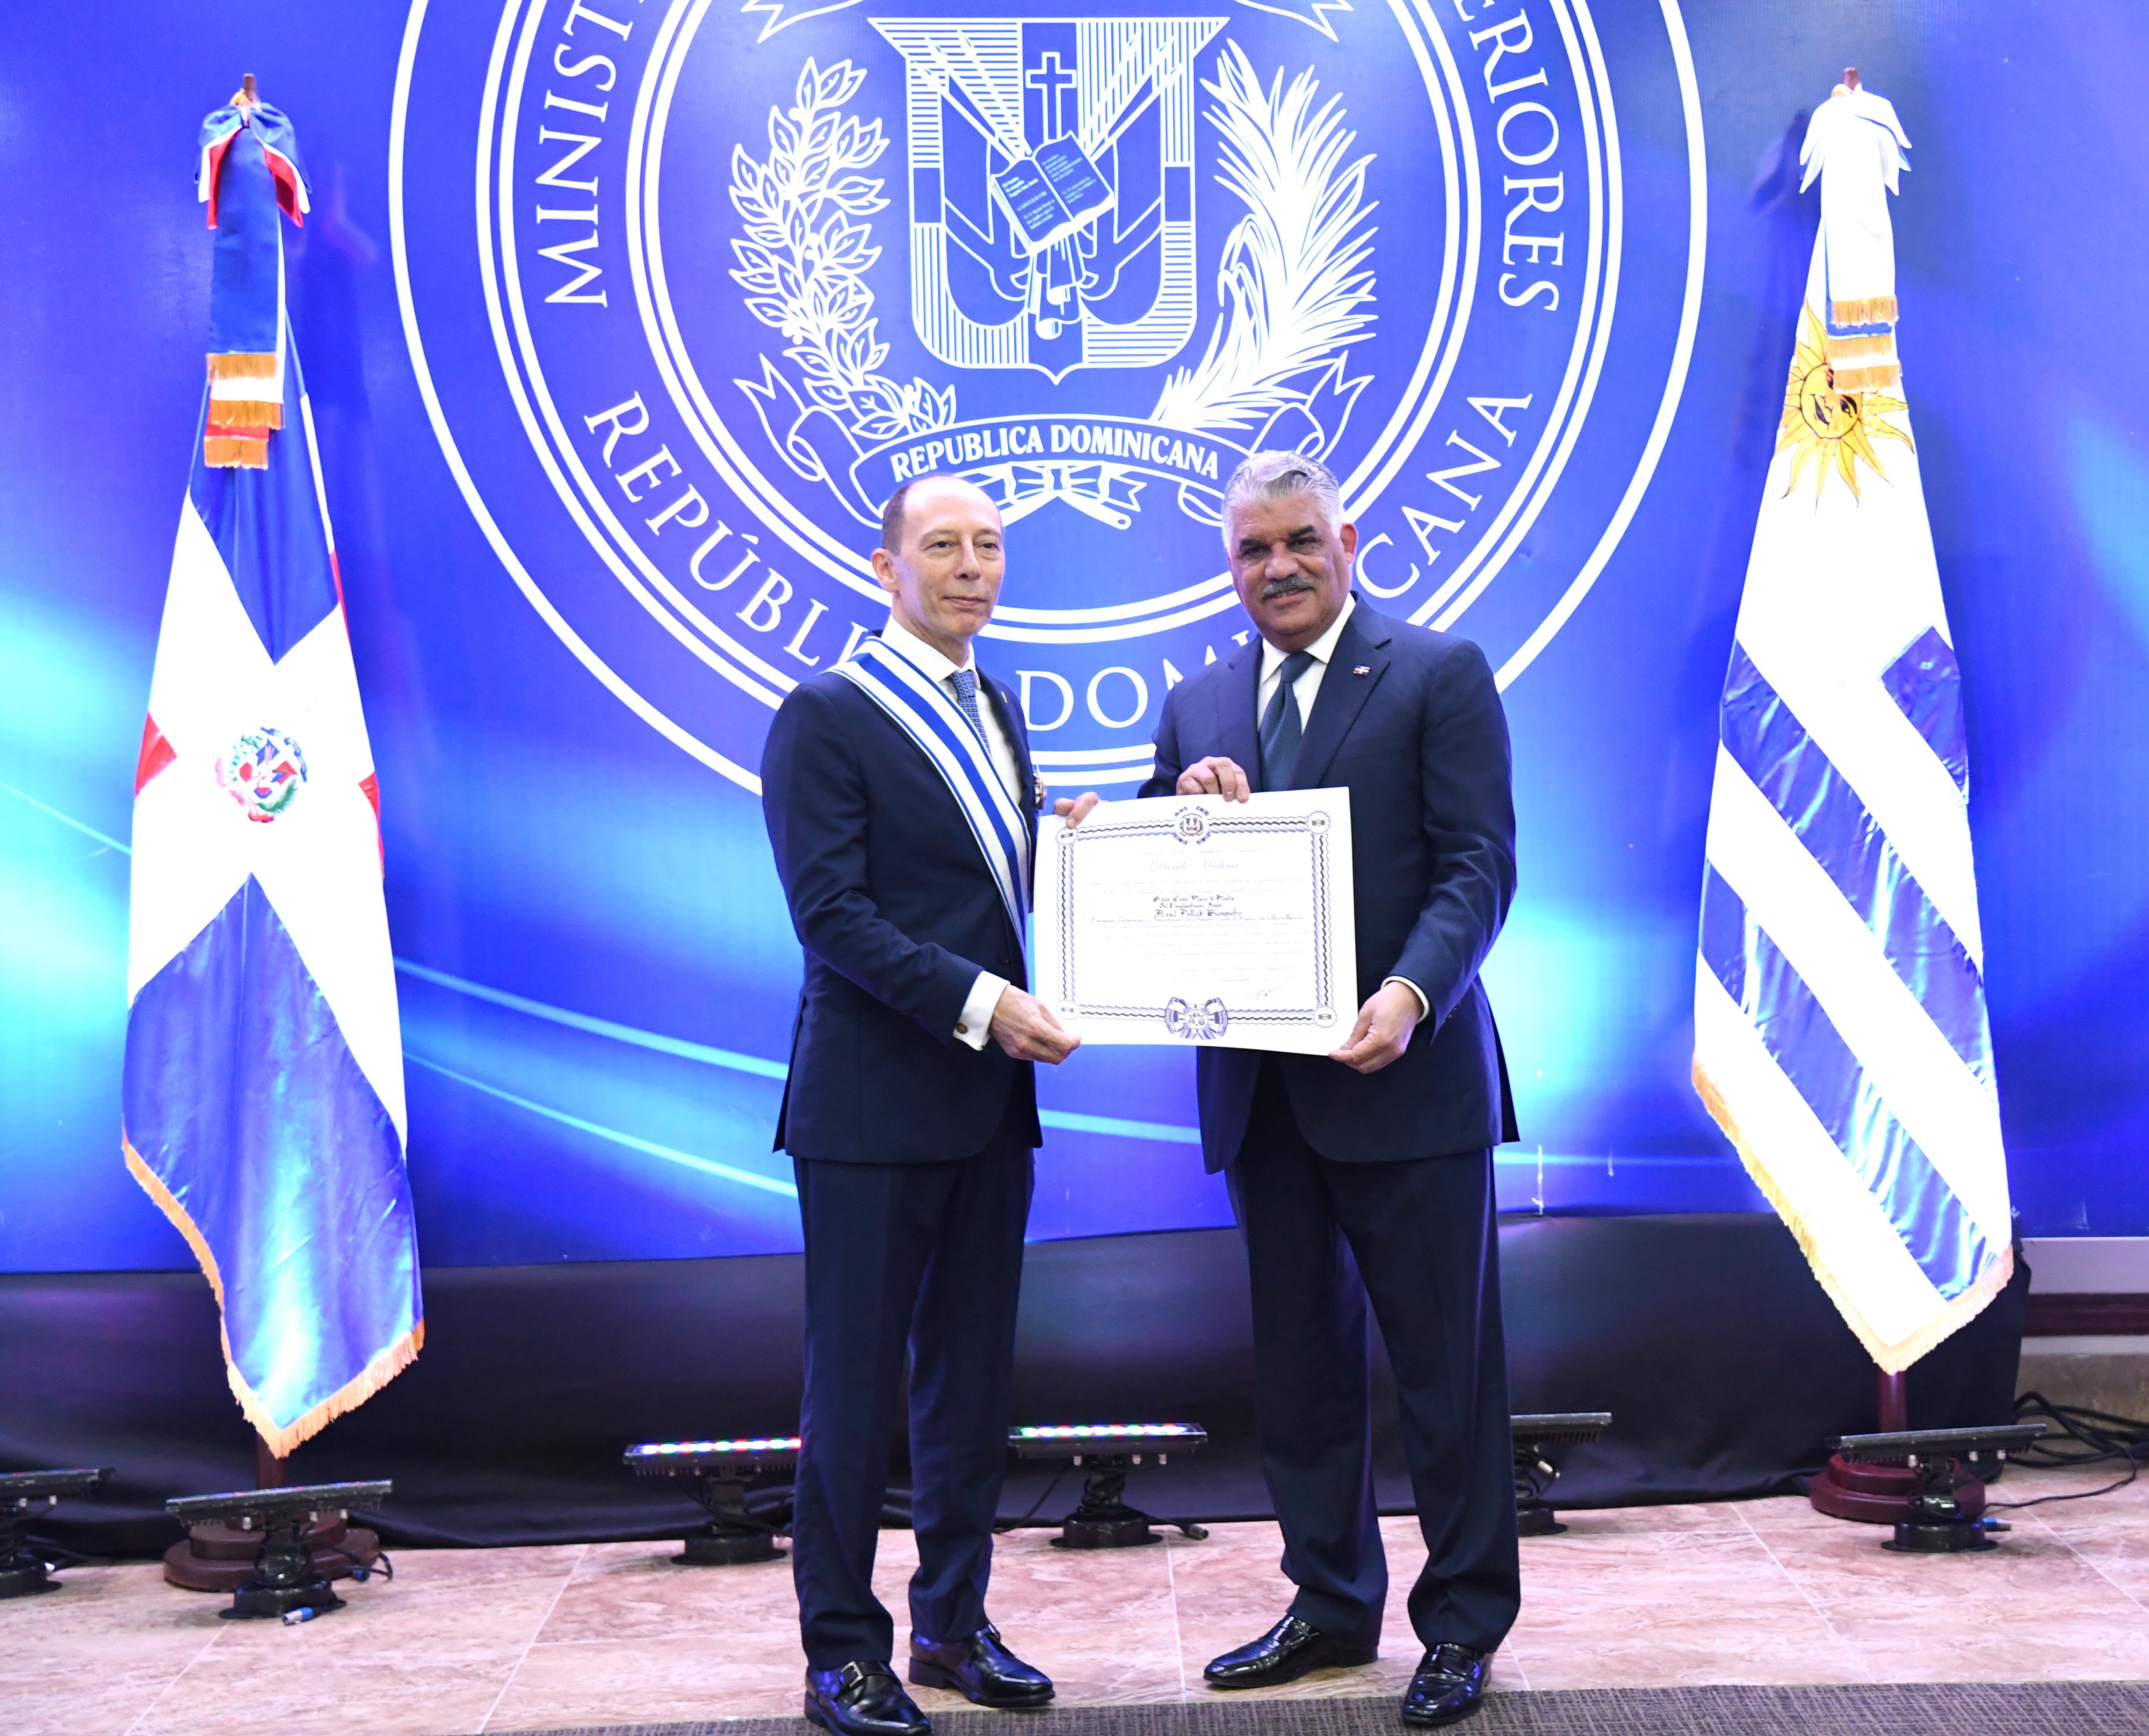 Canciller Vargas impone condecoración a embajador saliente de Uruguay